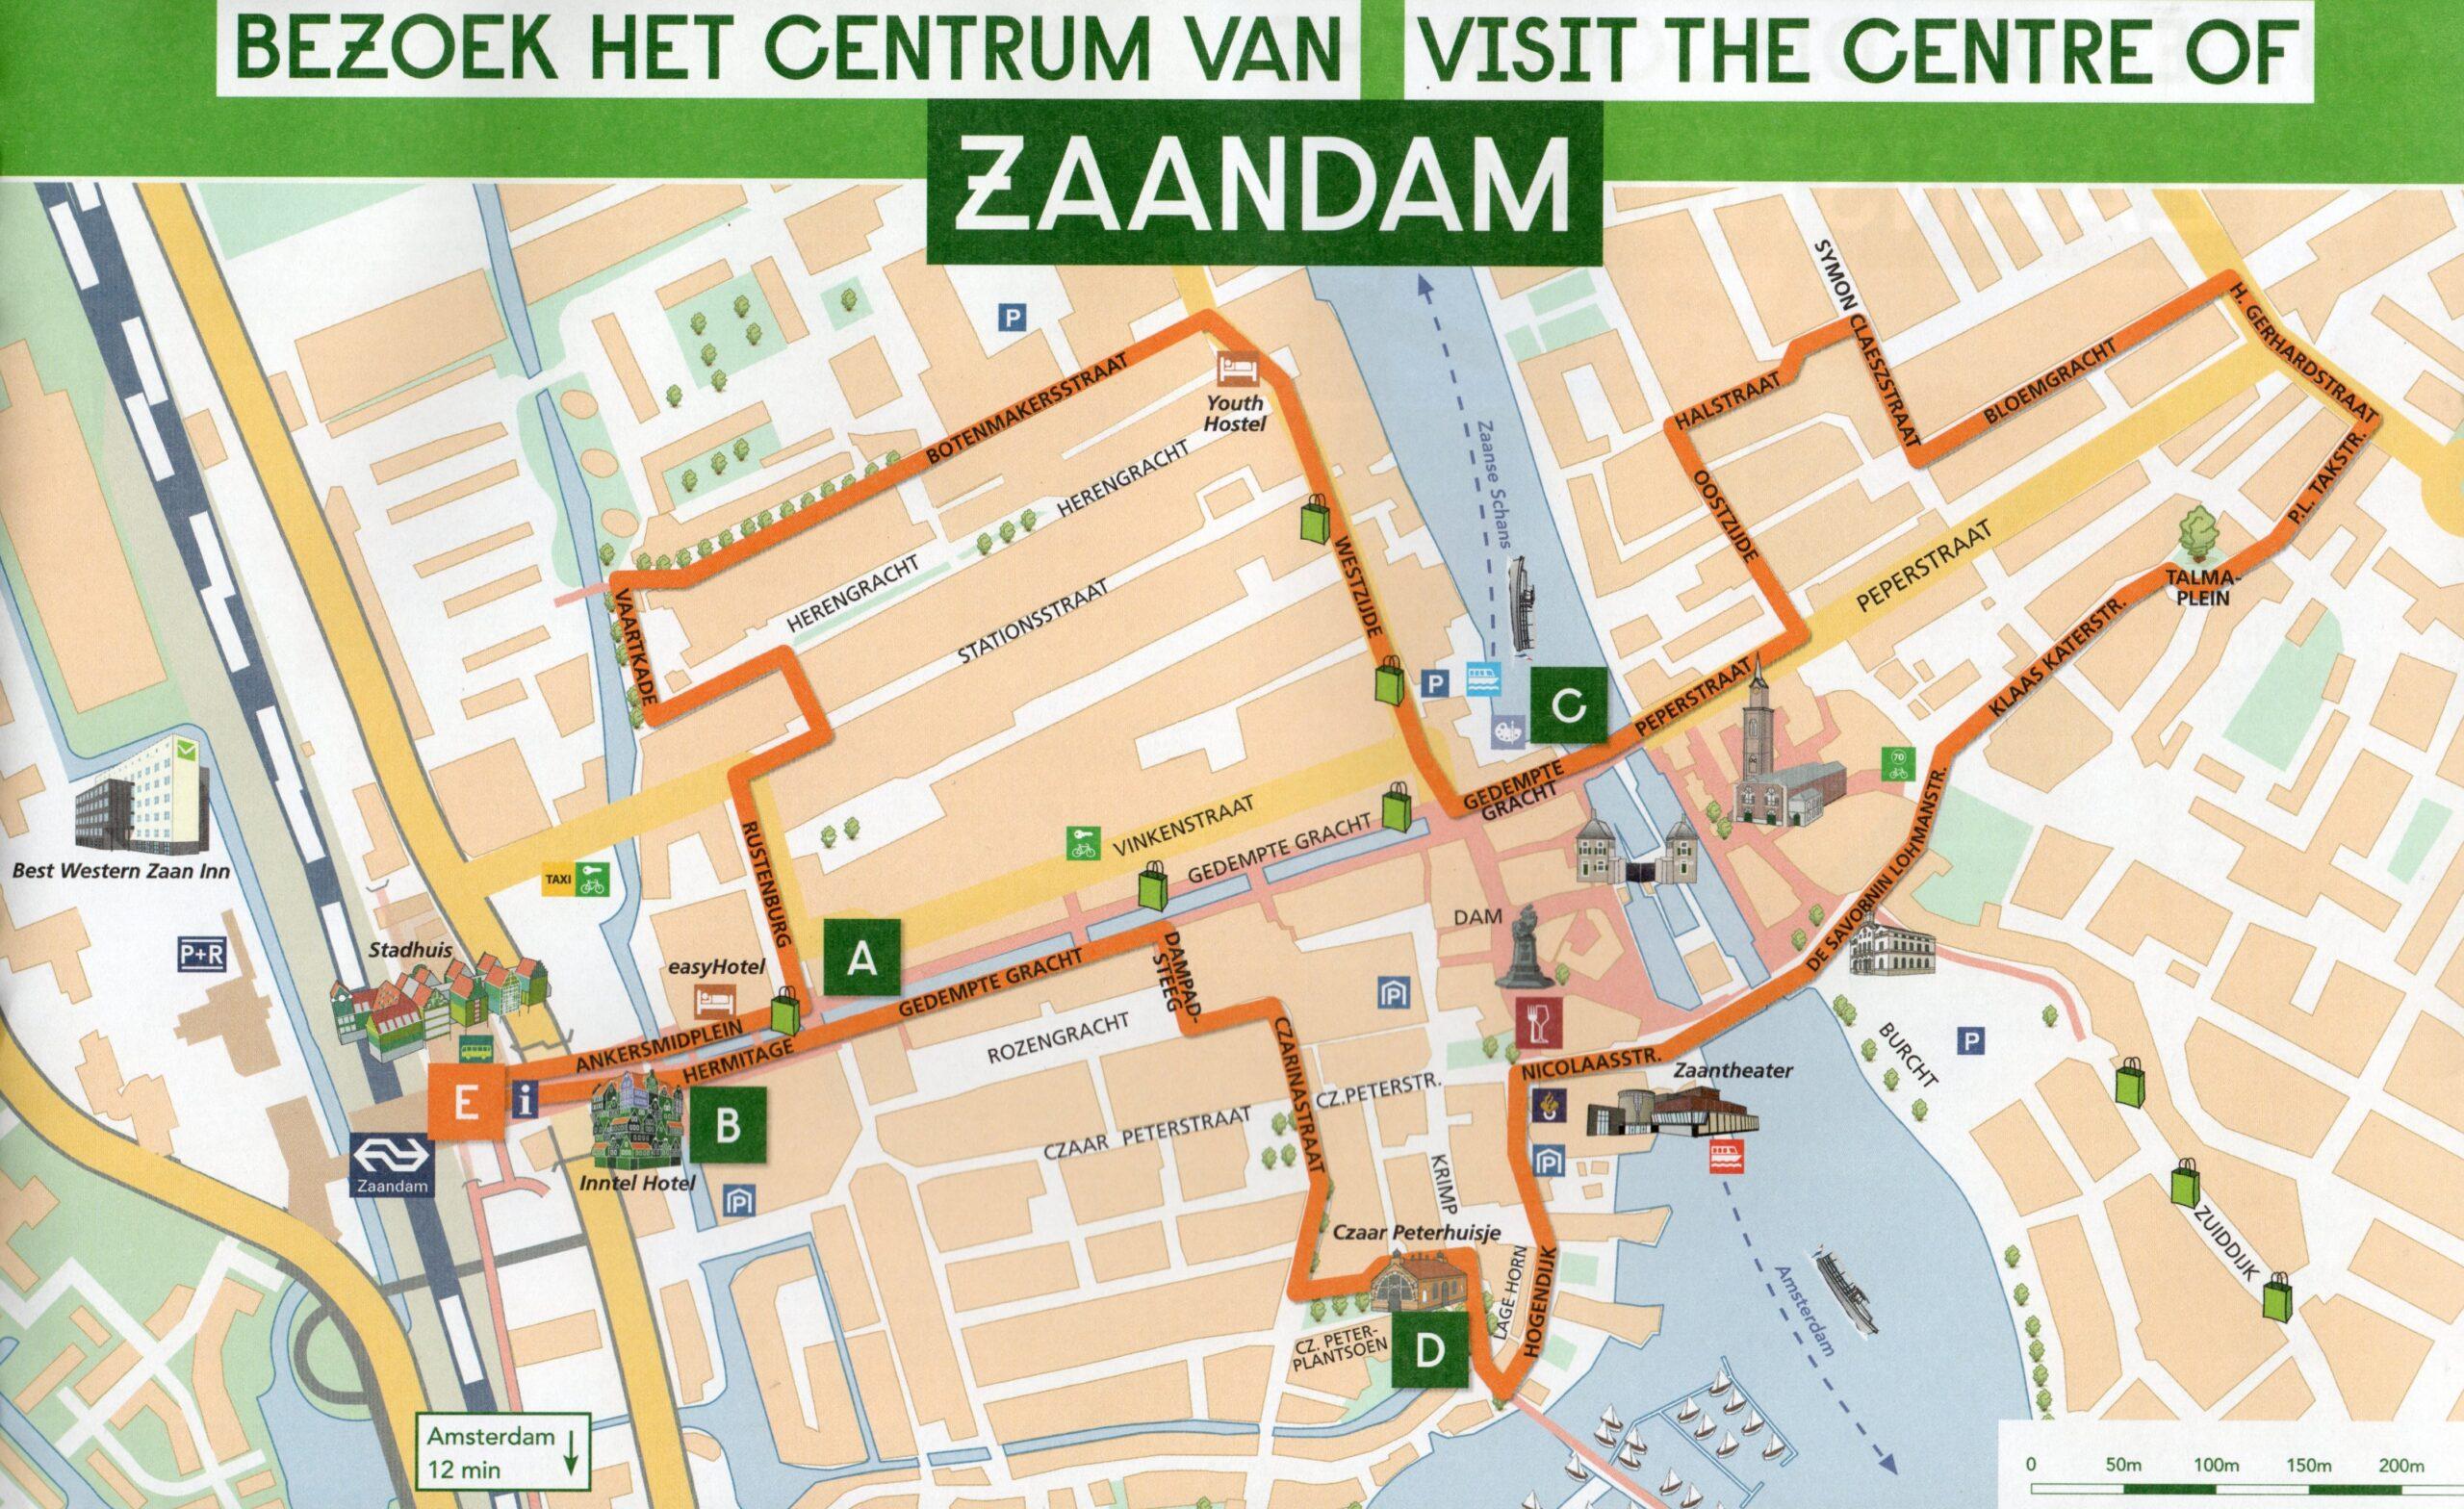 Bezoek het centrum van Zaandam